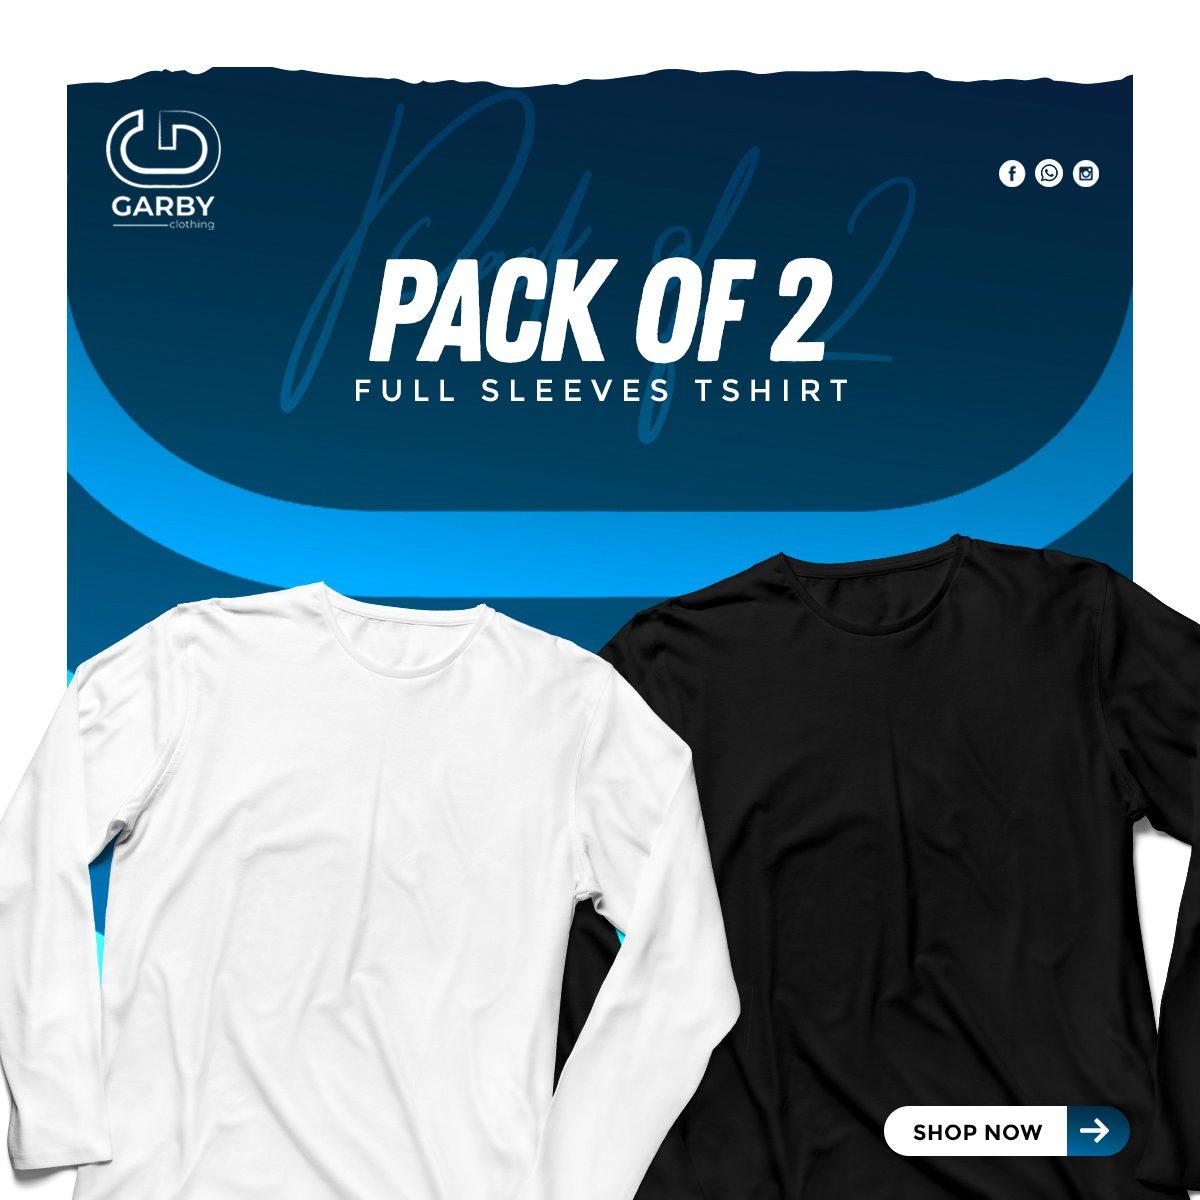 pack-of-2-full-sleeves